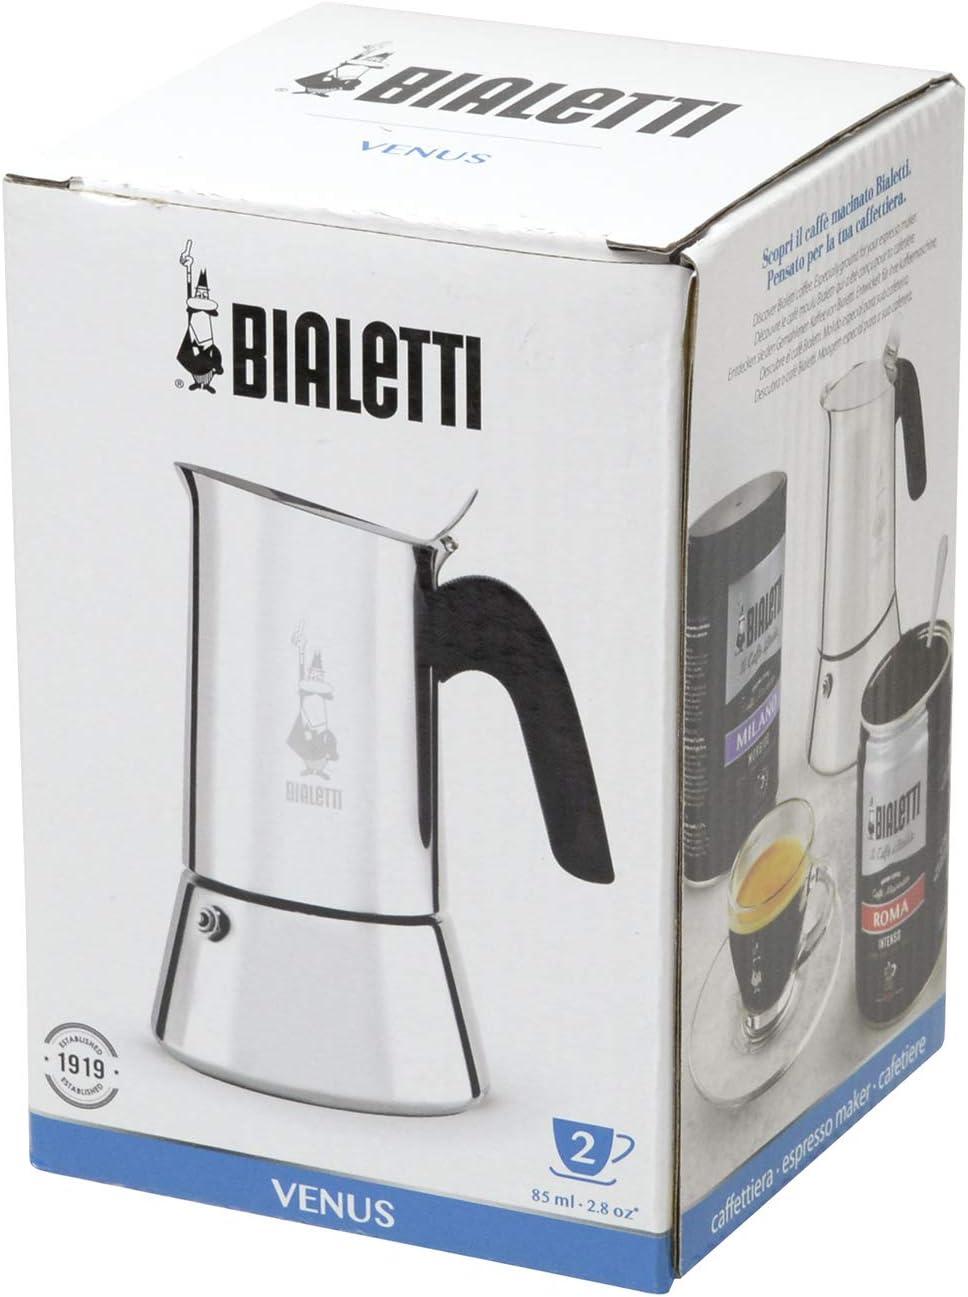 Bialetti Venus Cafetera Italiana Espresso (No Inducción), 2 Tazas, Acero, Plateado: Various Artists: Amazon.es: Hogar